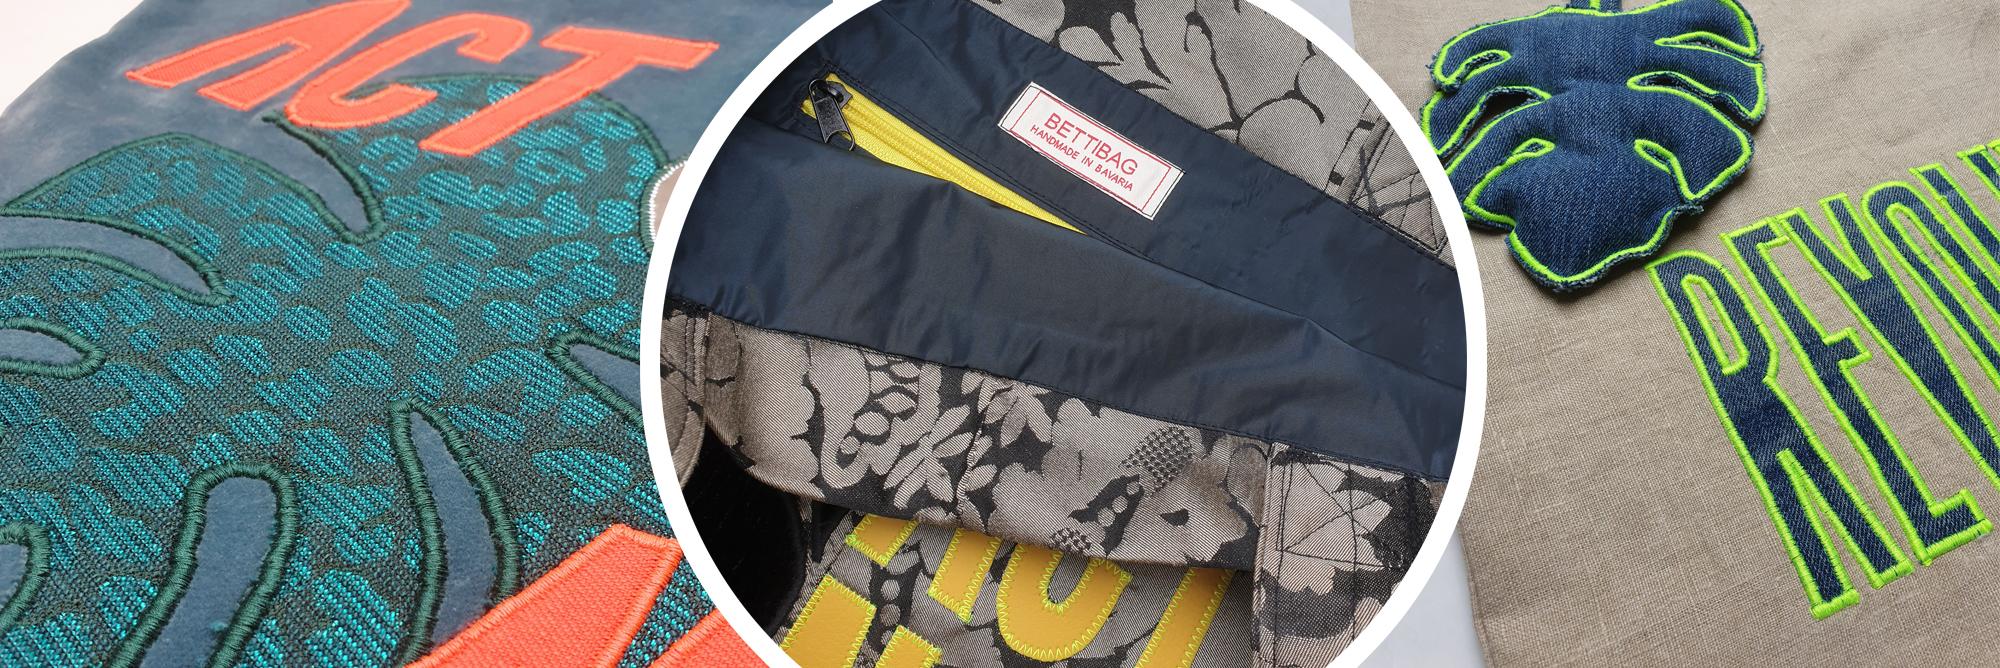 BETTIBAG – Vintage-Bags mit Wow-Effekt